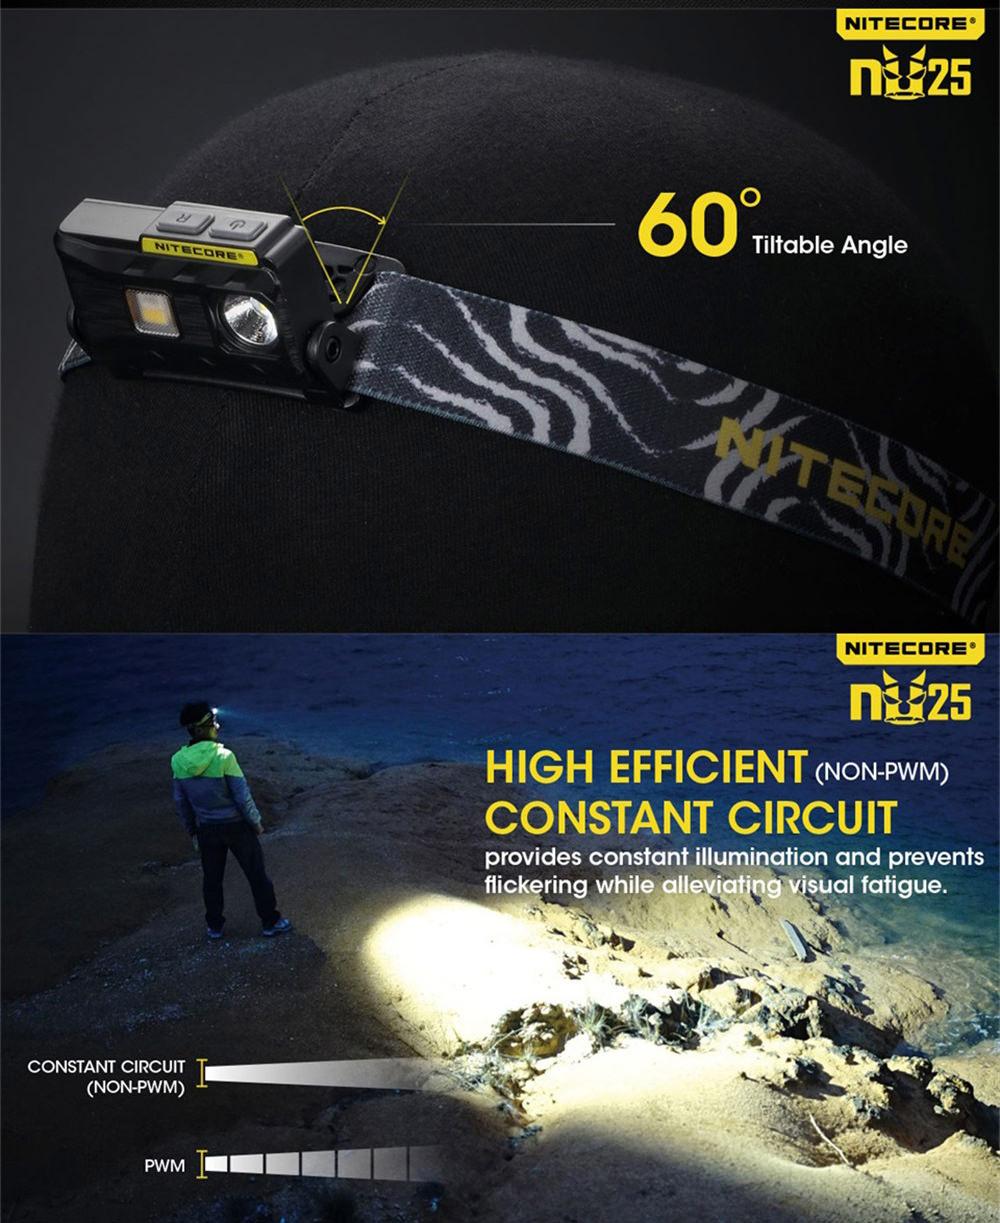 nitecore nu25 rechargeable headlamp